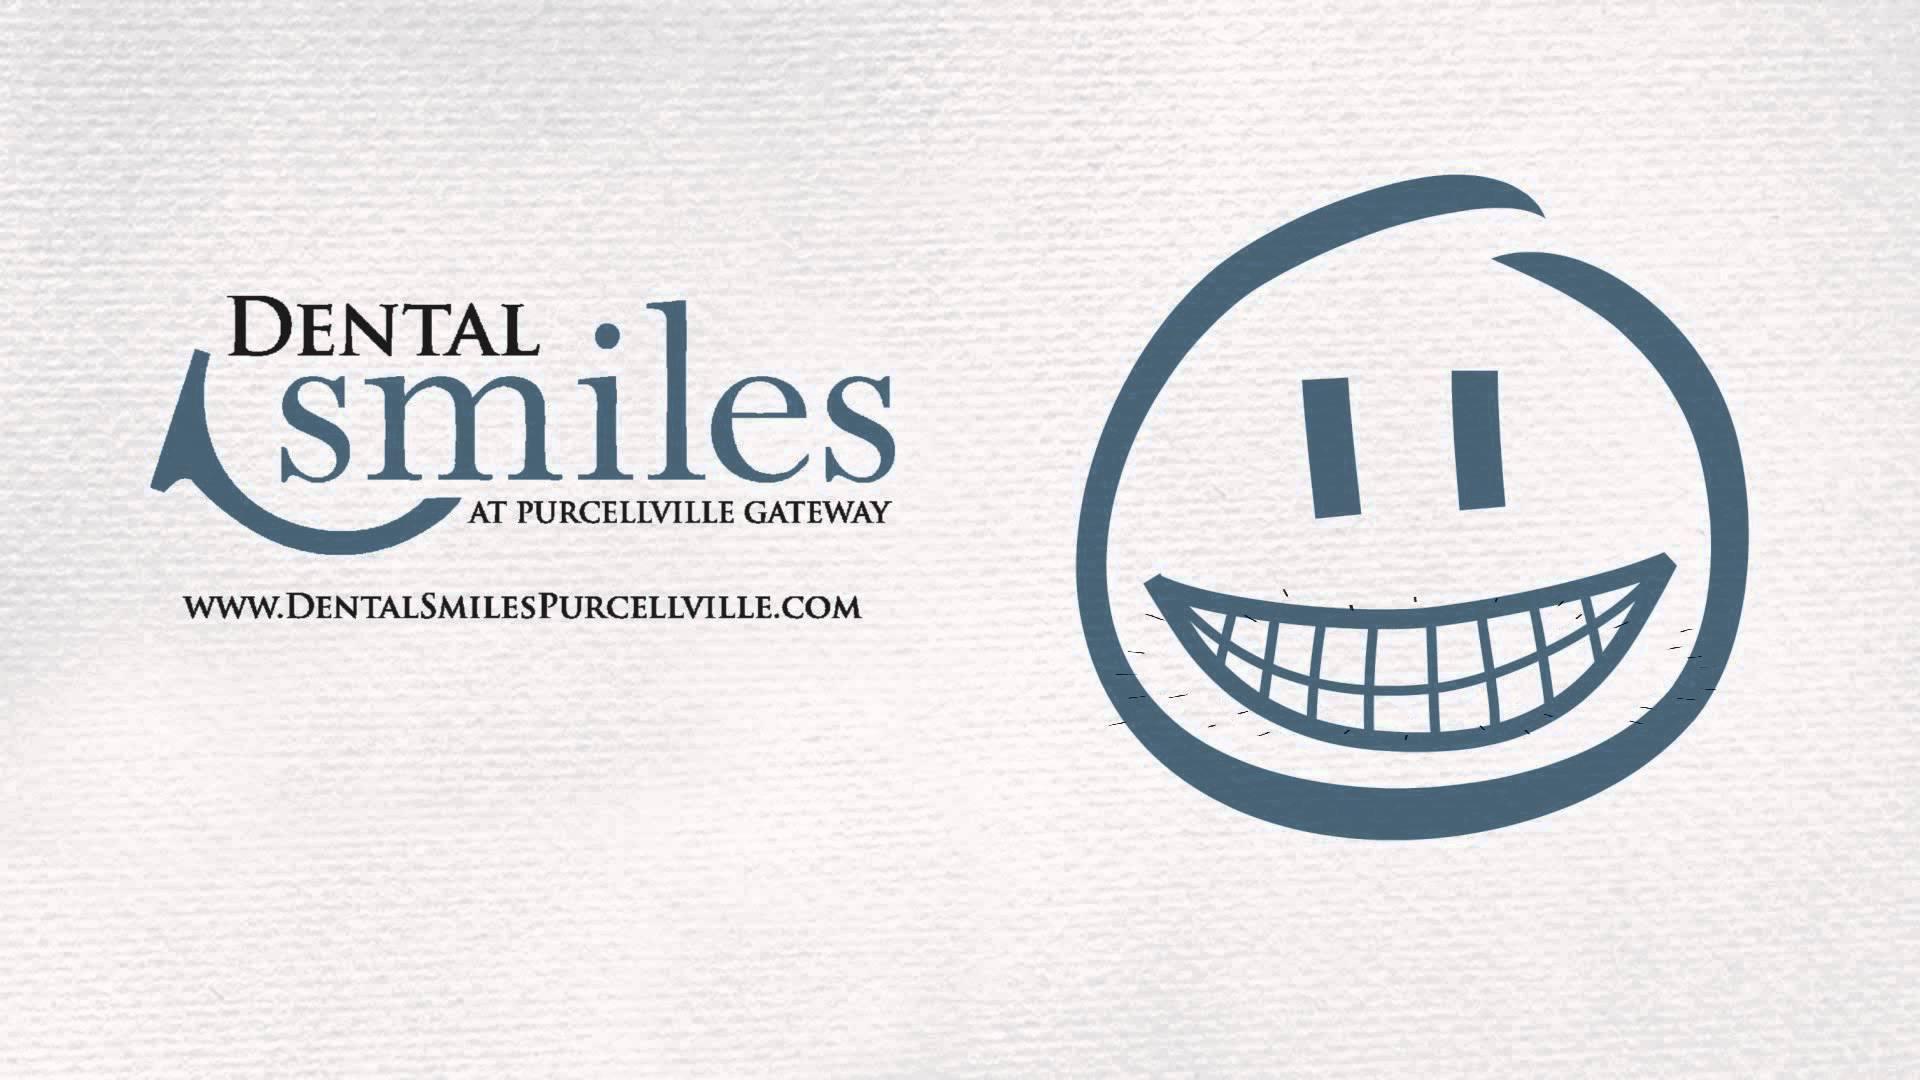 dental smiles logo.jpg